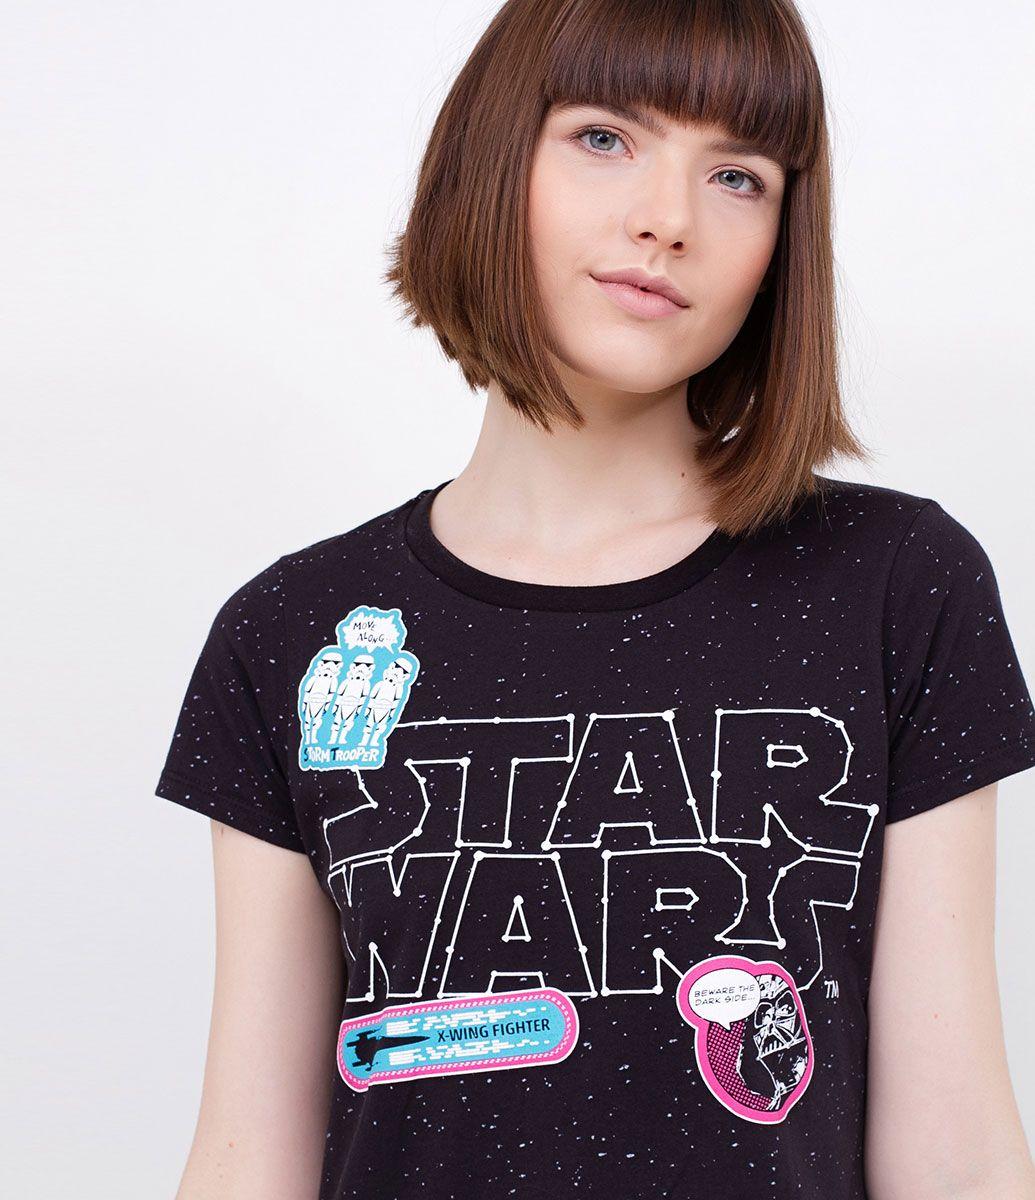 Camisola feminina  Manga curta  Estampada Star Wars  Marca:  Star Wars   Tecido: meia malha      Modelo veste tamanho: P   Composição: 100% algodão         COLEÇÃO INVERNO 2017         Veja outras opções de    camisolas femininas.